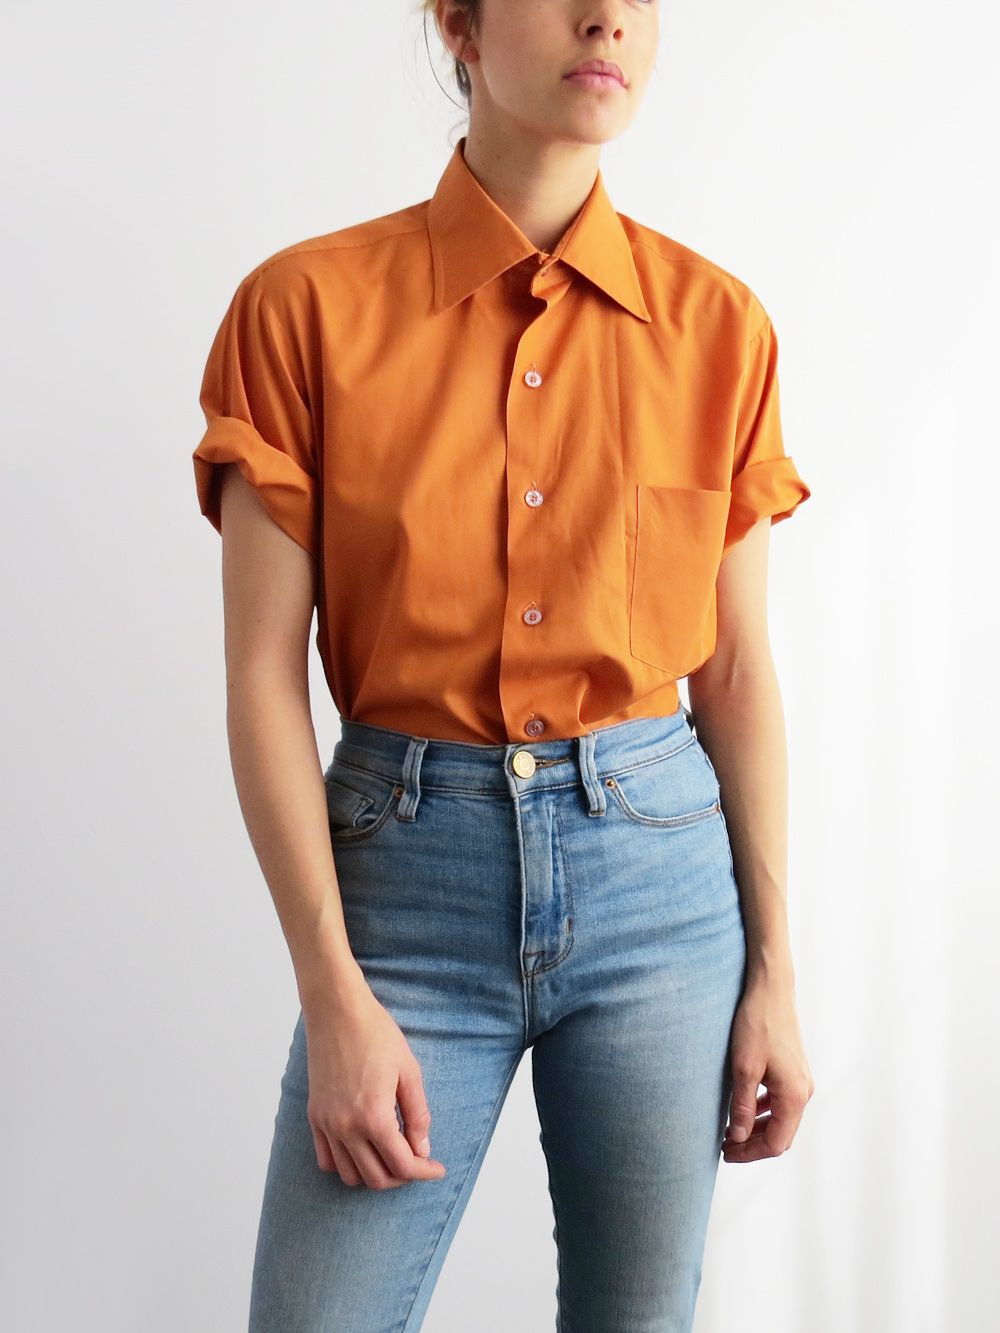 e0979998dc014a Burnt Orange Blouse    Vintage Button Up Shirt